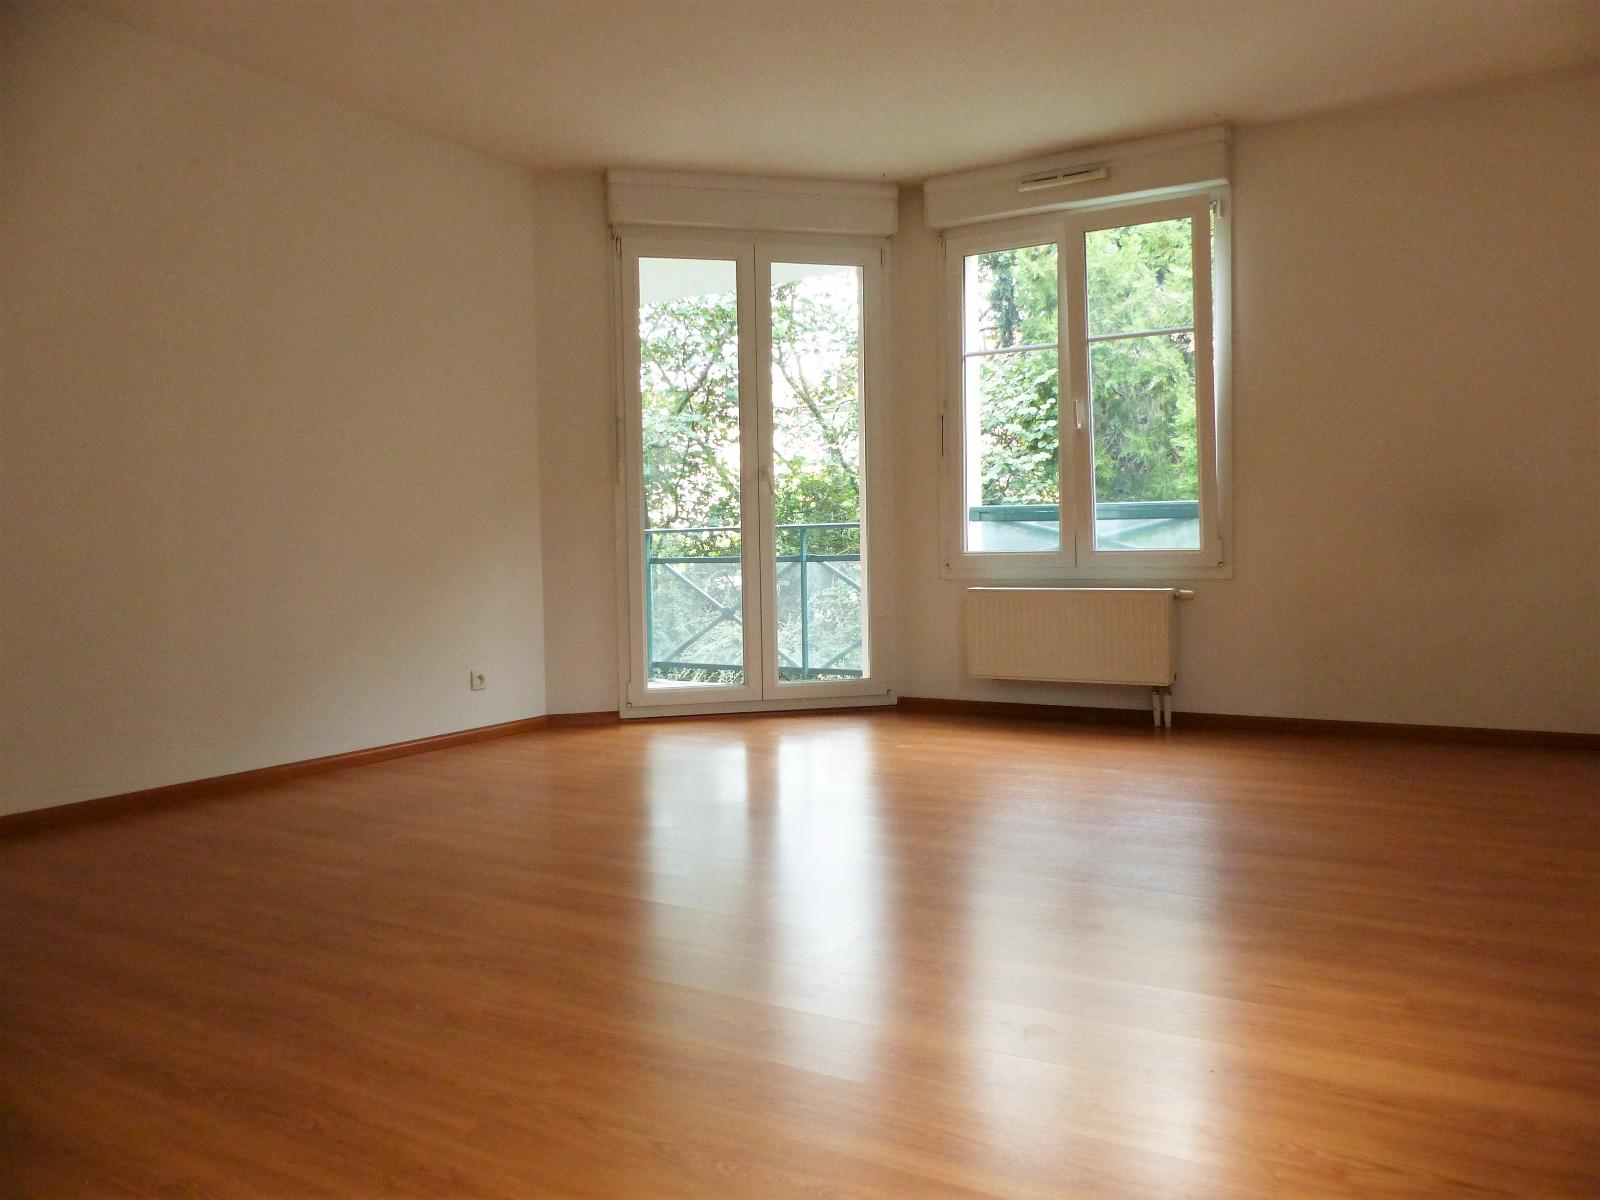 Appartements mulhouse mulhouse dornach au calme for Appartement atypique mulhouse